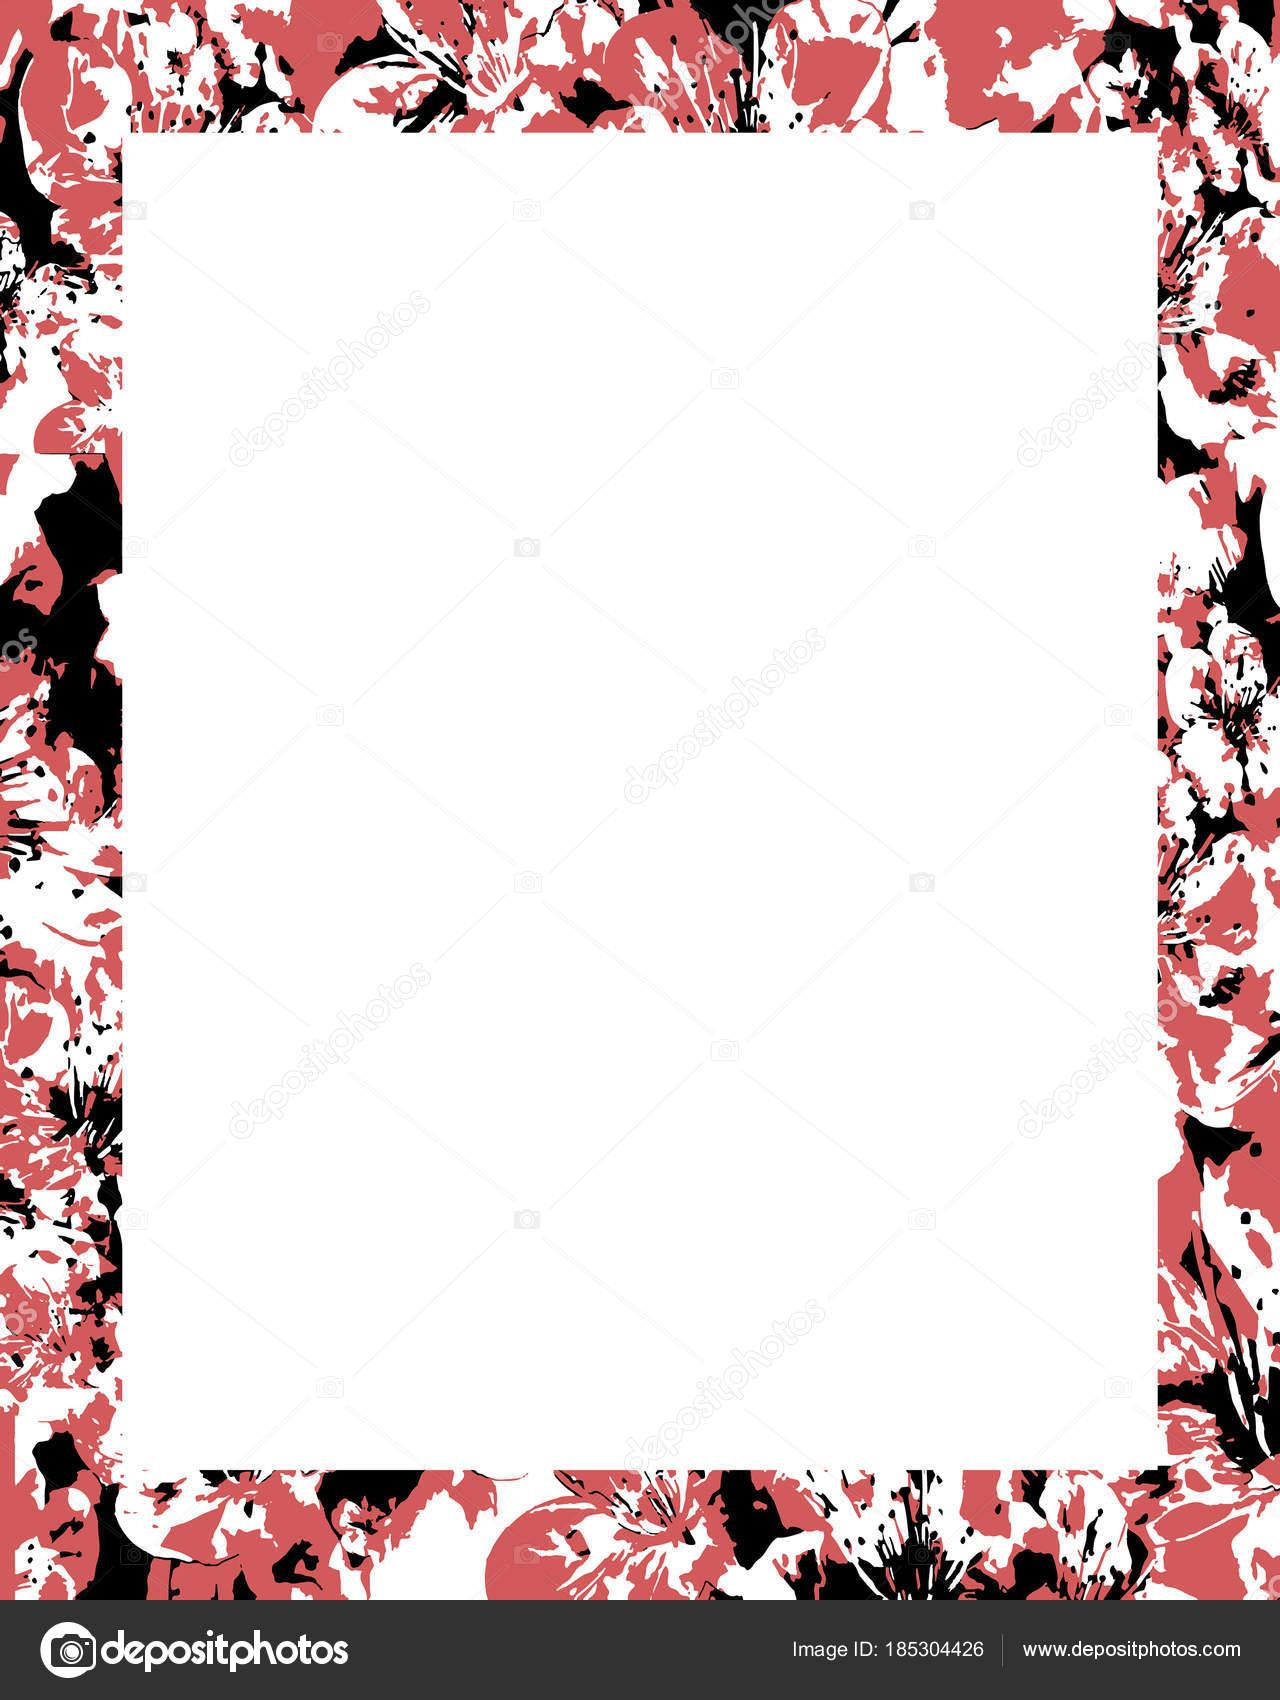 Cornice bianca con bordi decorati foto stock for Cornice bianca foto